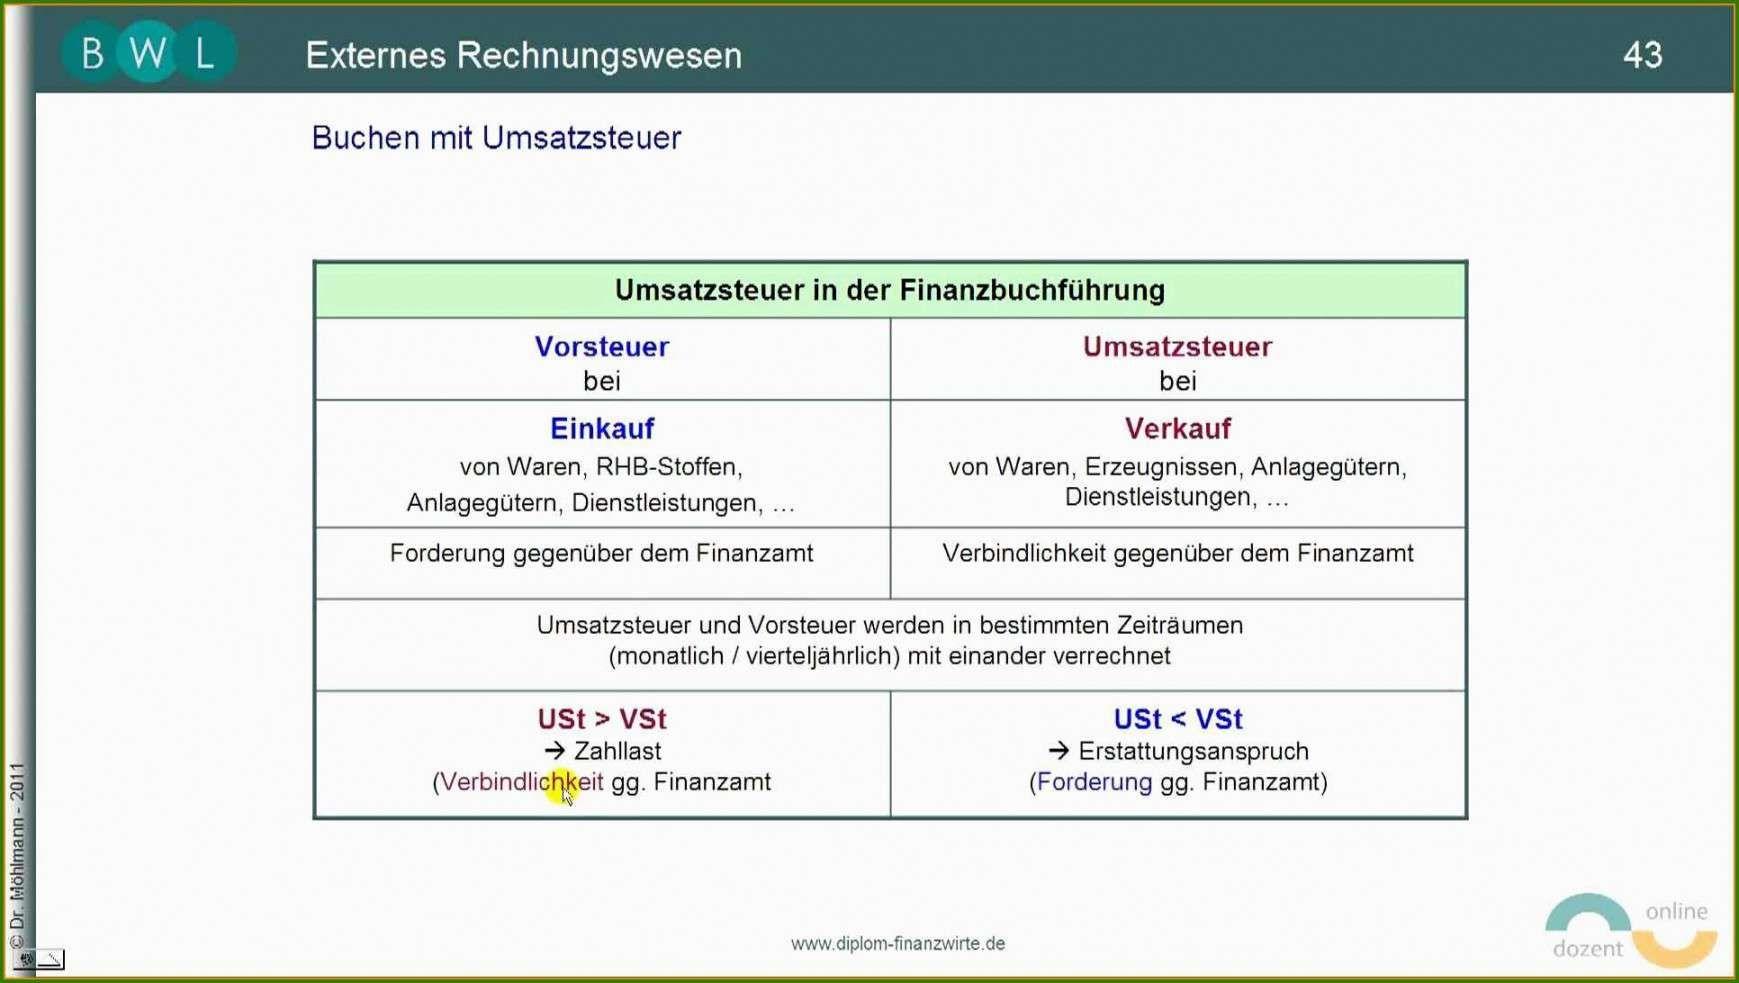 Ausgezeichnet Fragebogen Vorlage Word 2010 Download In 2020 Vorlagen Word Vorlage Lebenslauf Kostenlos Kostenloser Lebenslauf